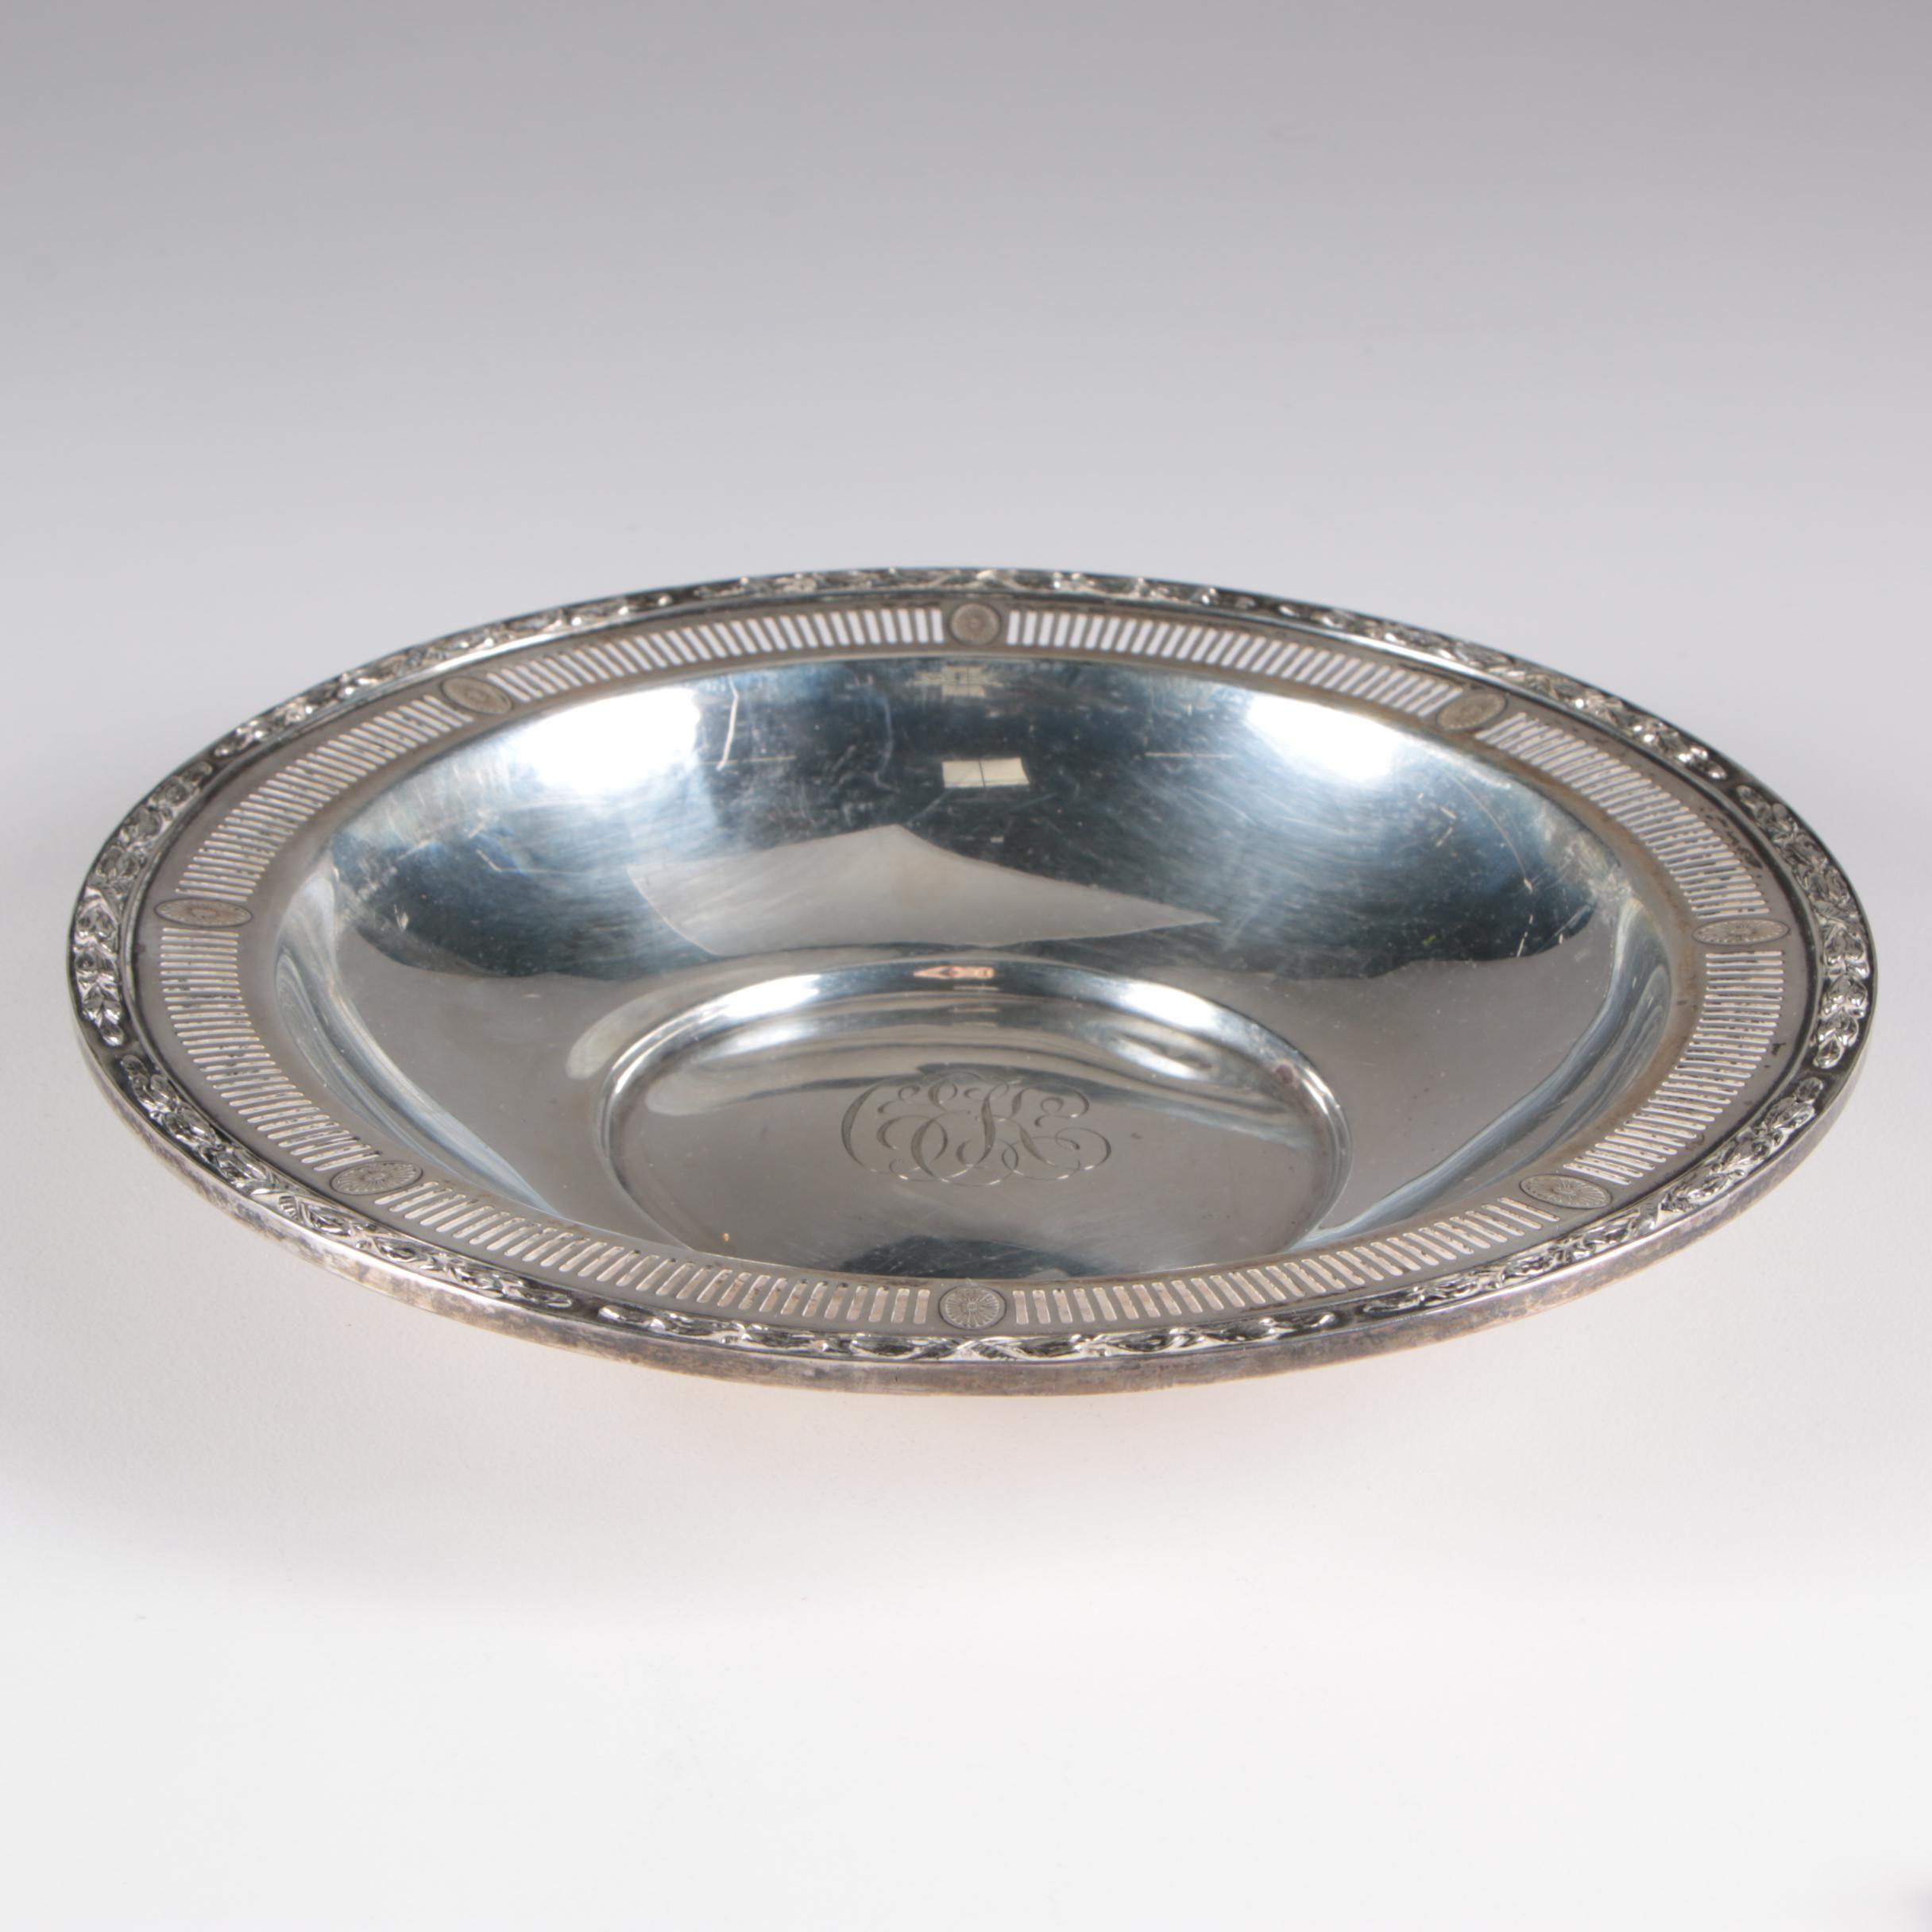 Mt. Vernon Silver Co. Sterling Bon Bon Bowl, 1914 - 1923